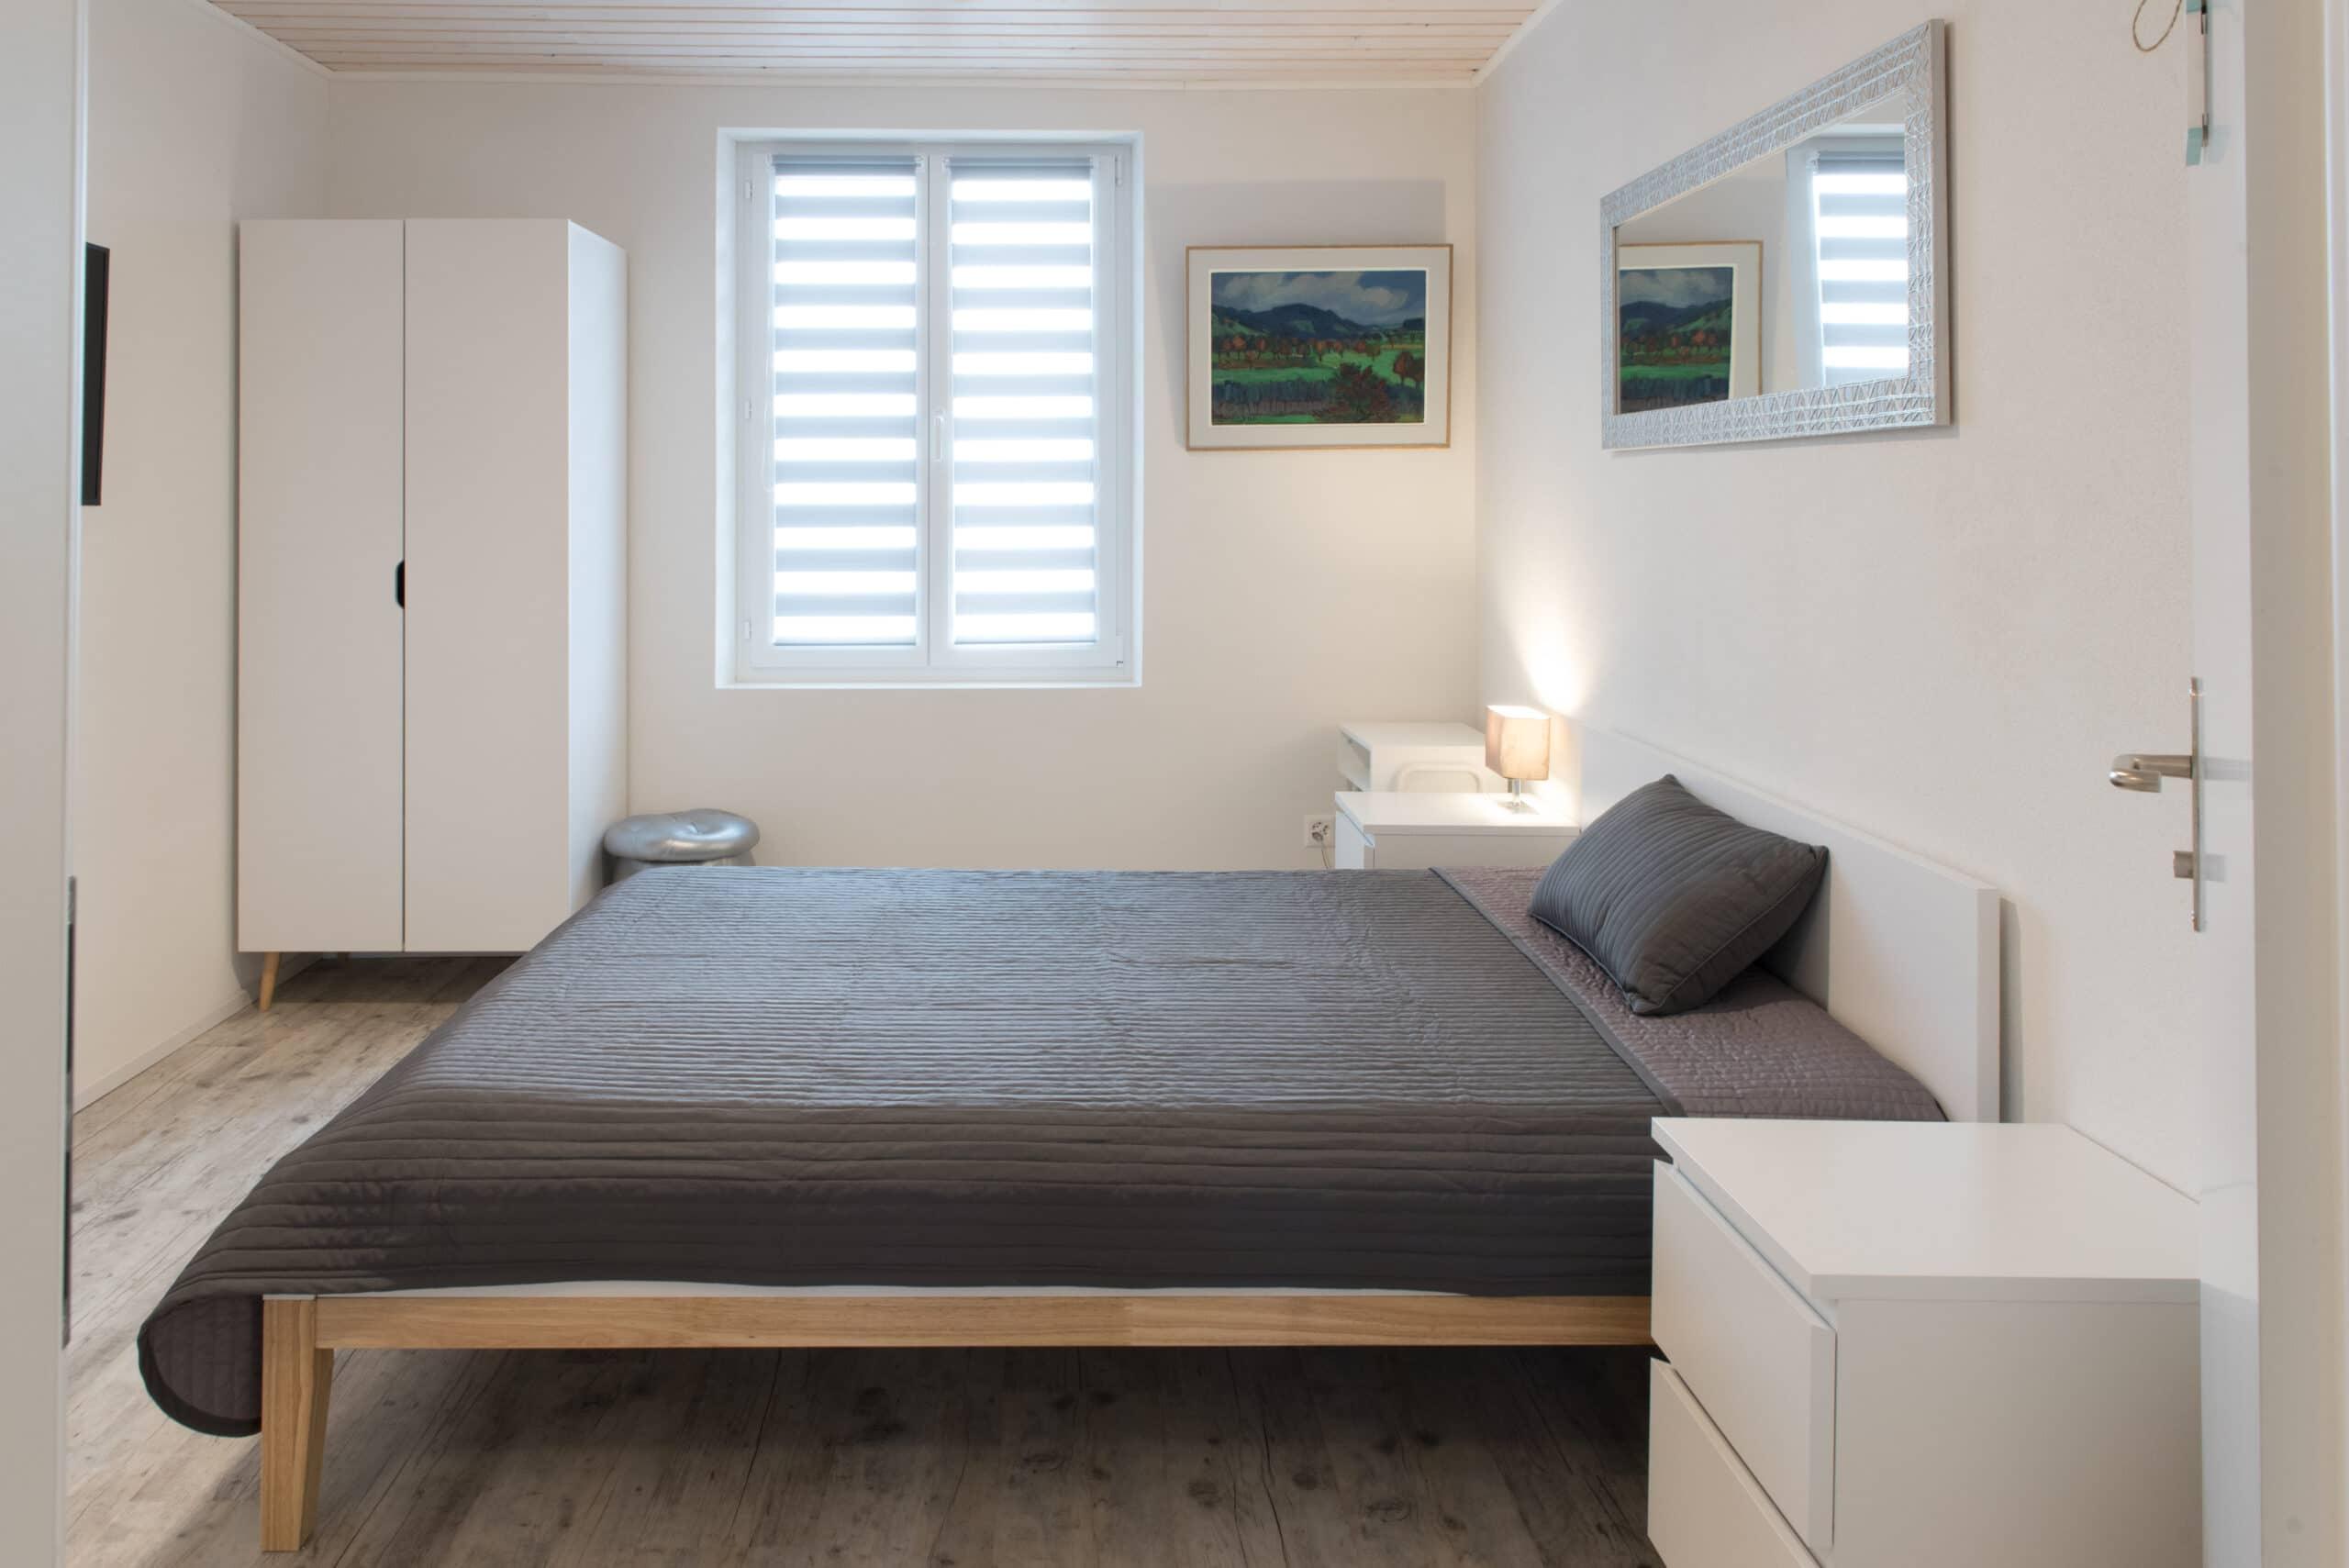 Doppelzimmer mit Lavabo und Gemeinschaftsbad